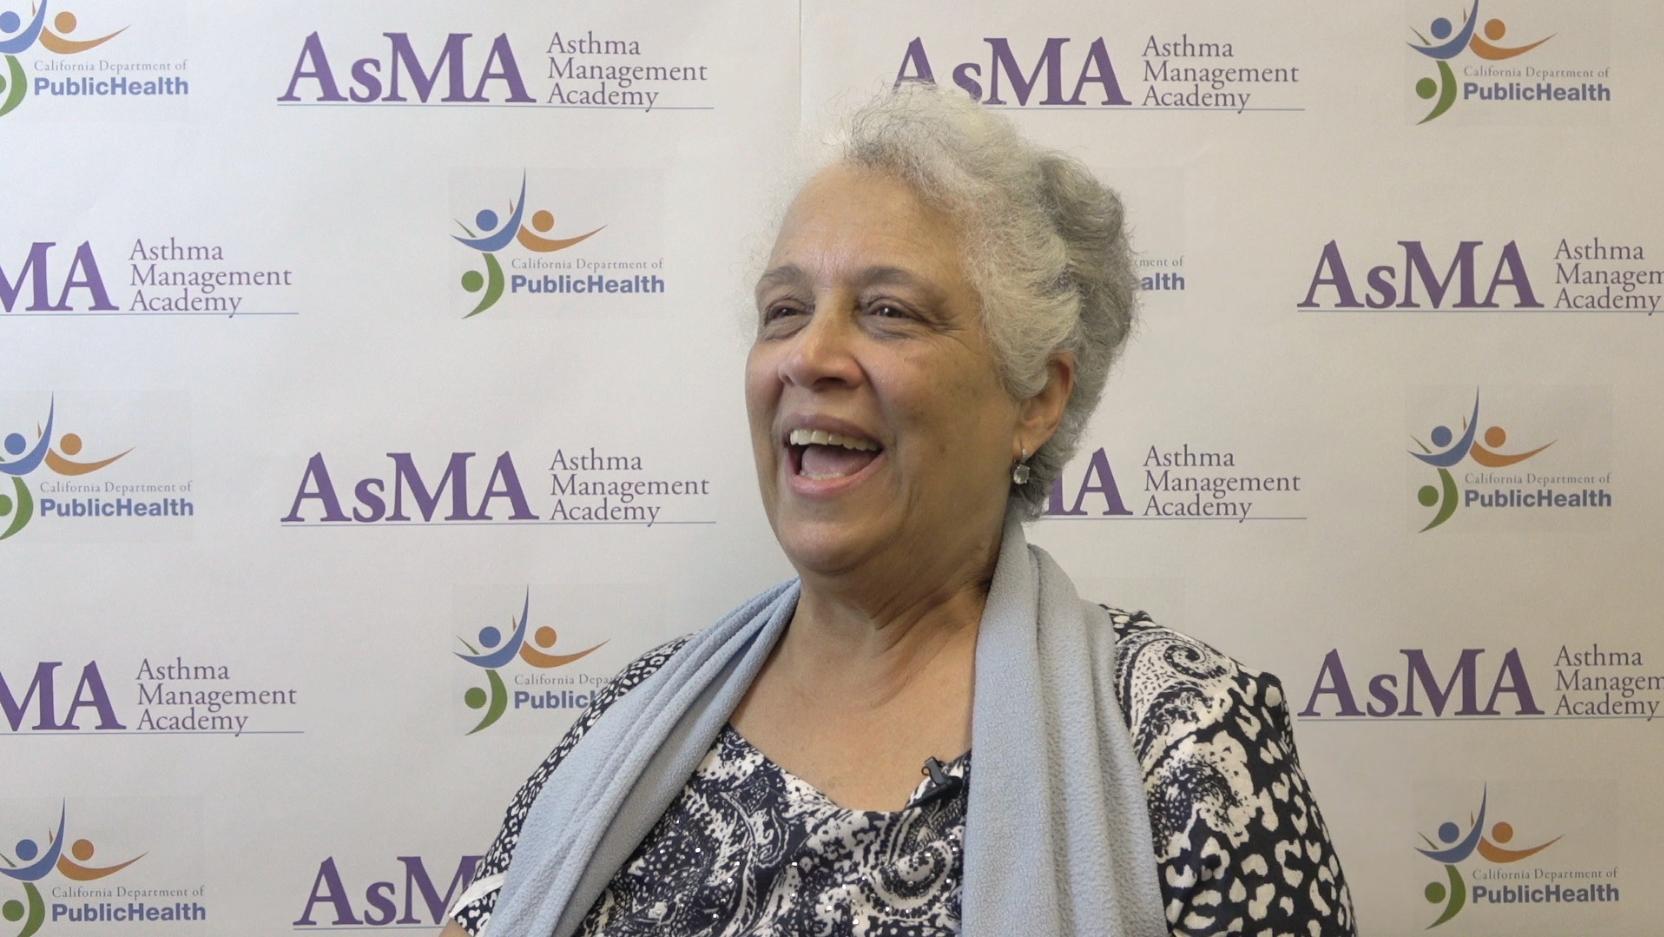 CDPH Asthma Management Academy - Historia de Consuelo